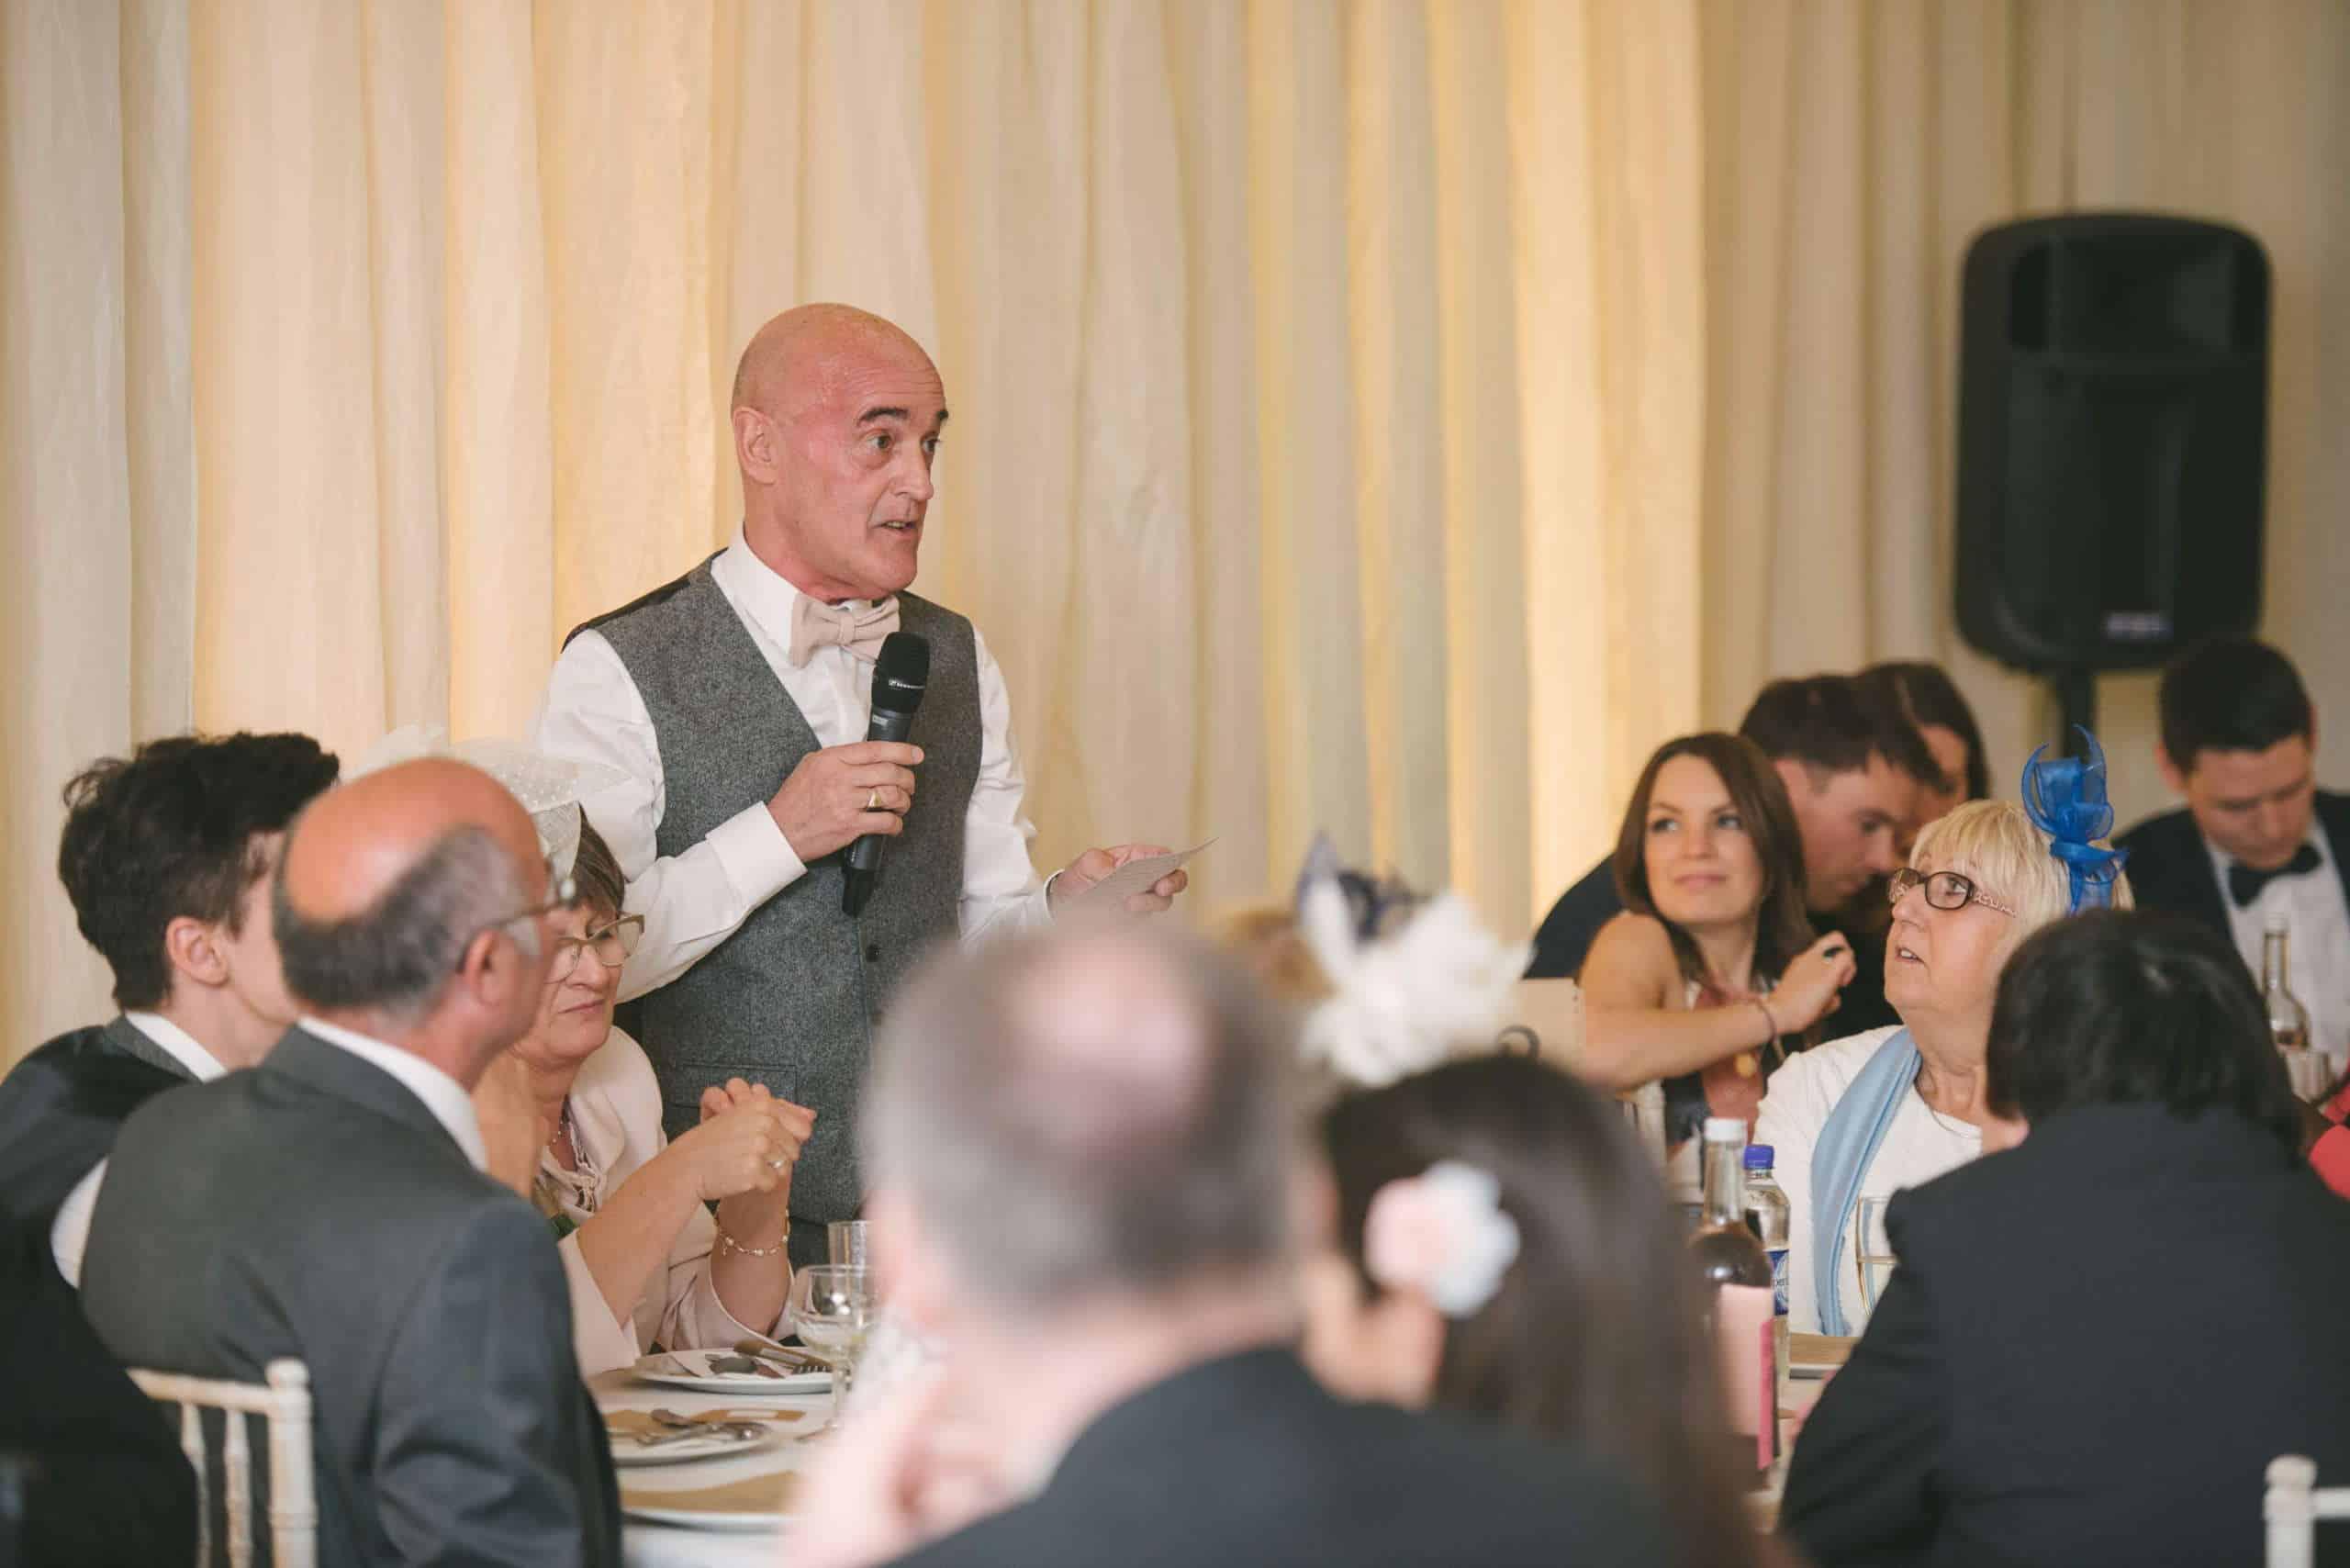 230416 Essex Wedding Photography Baddow Gallerywood 102